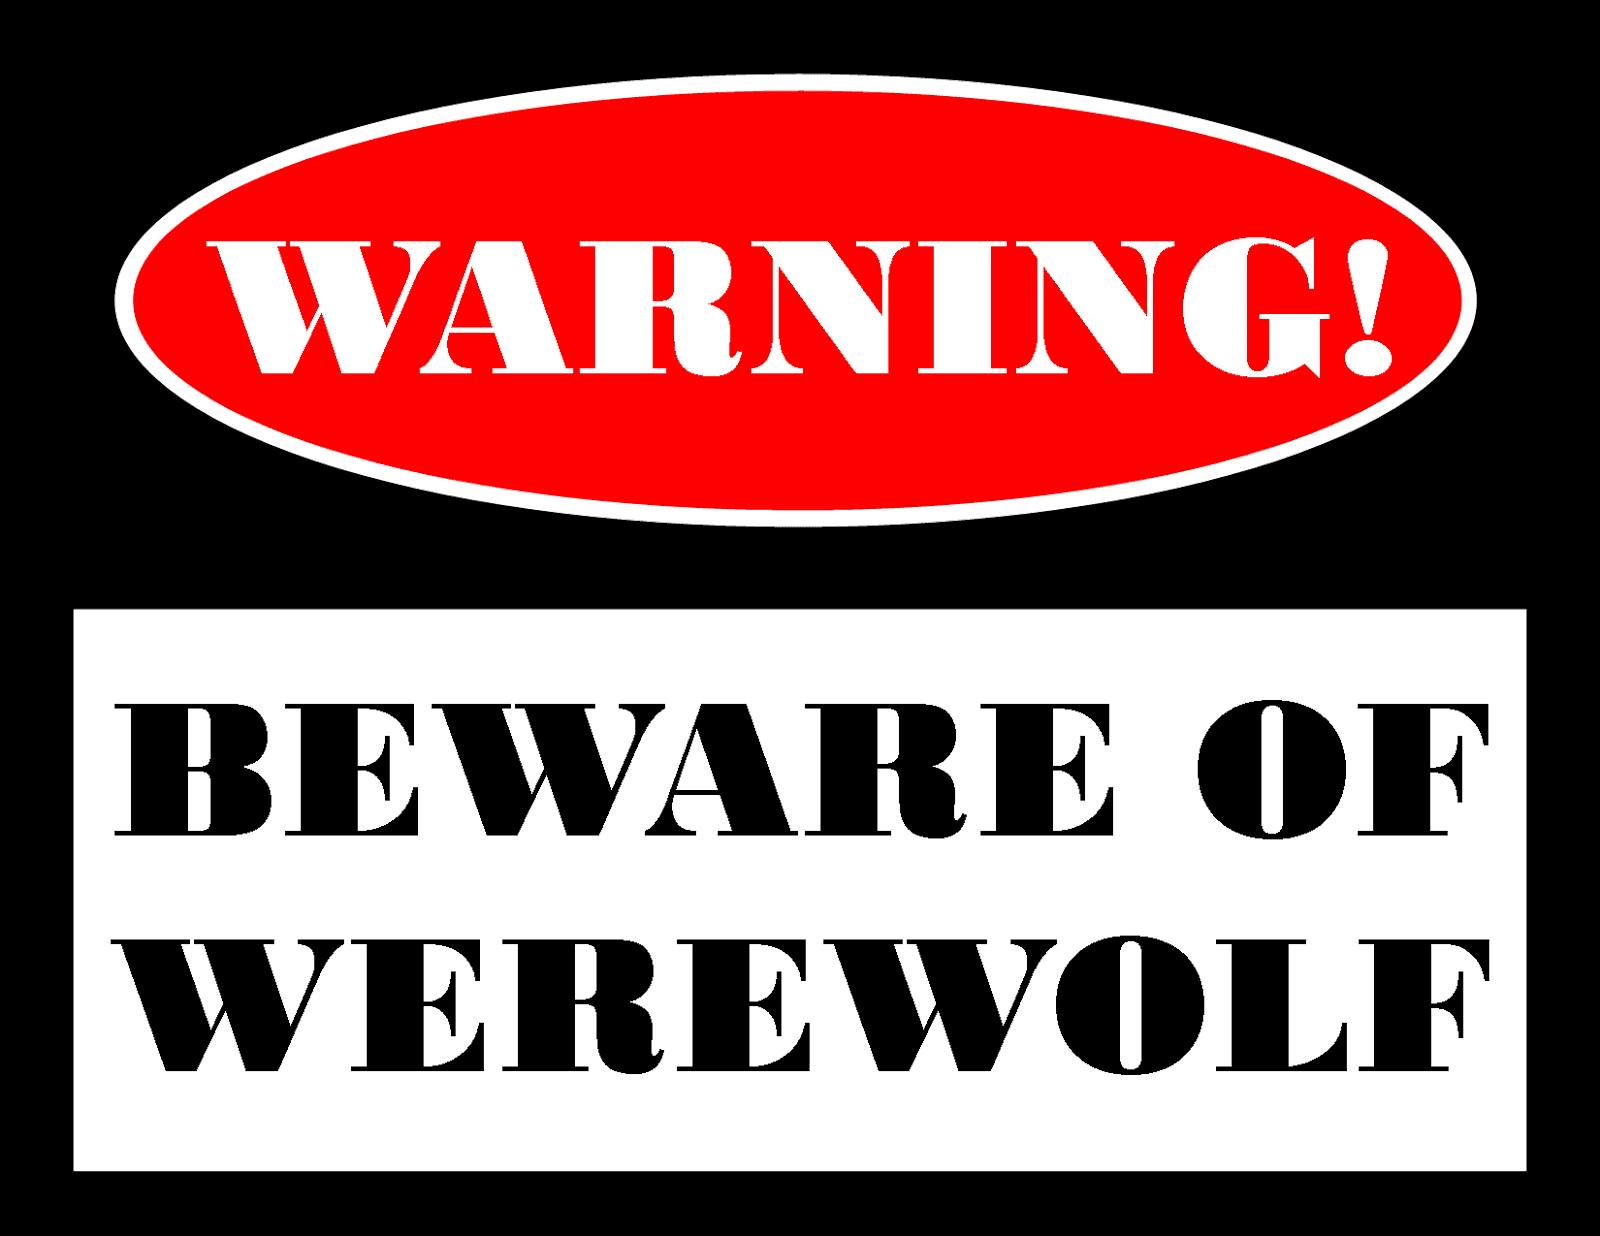 Beware Of